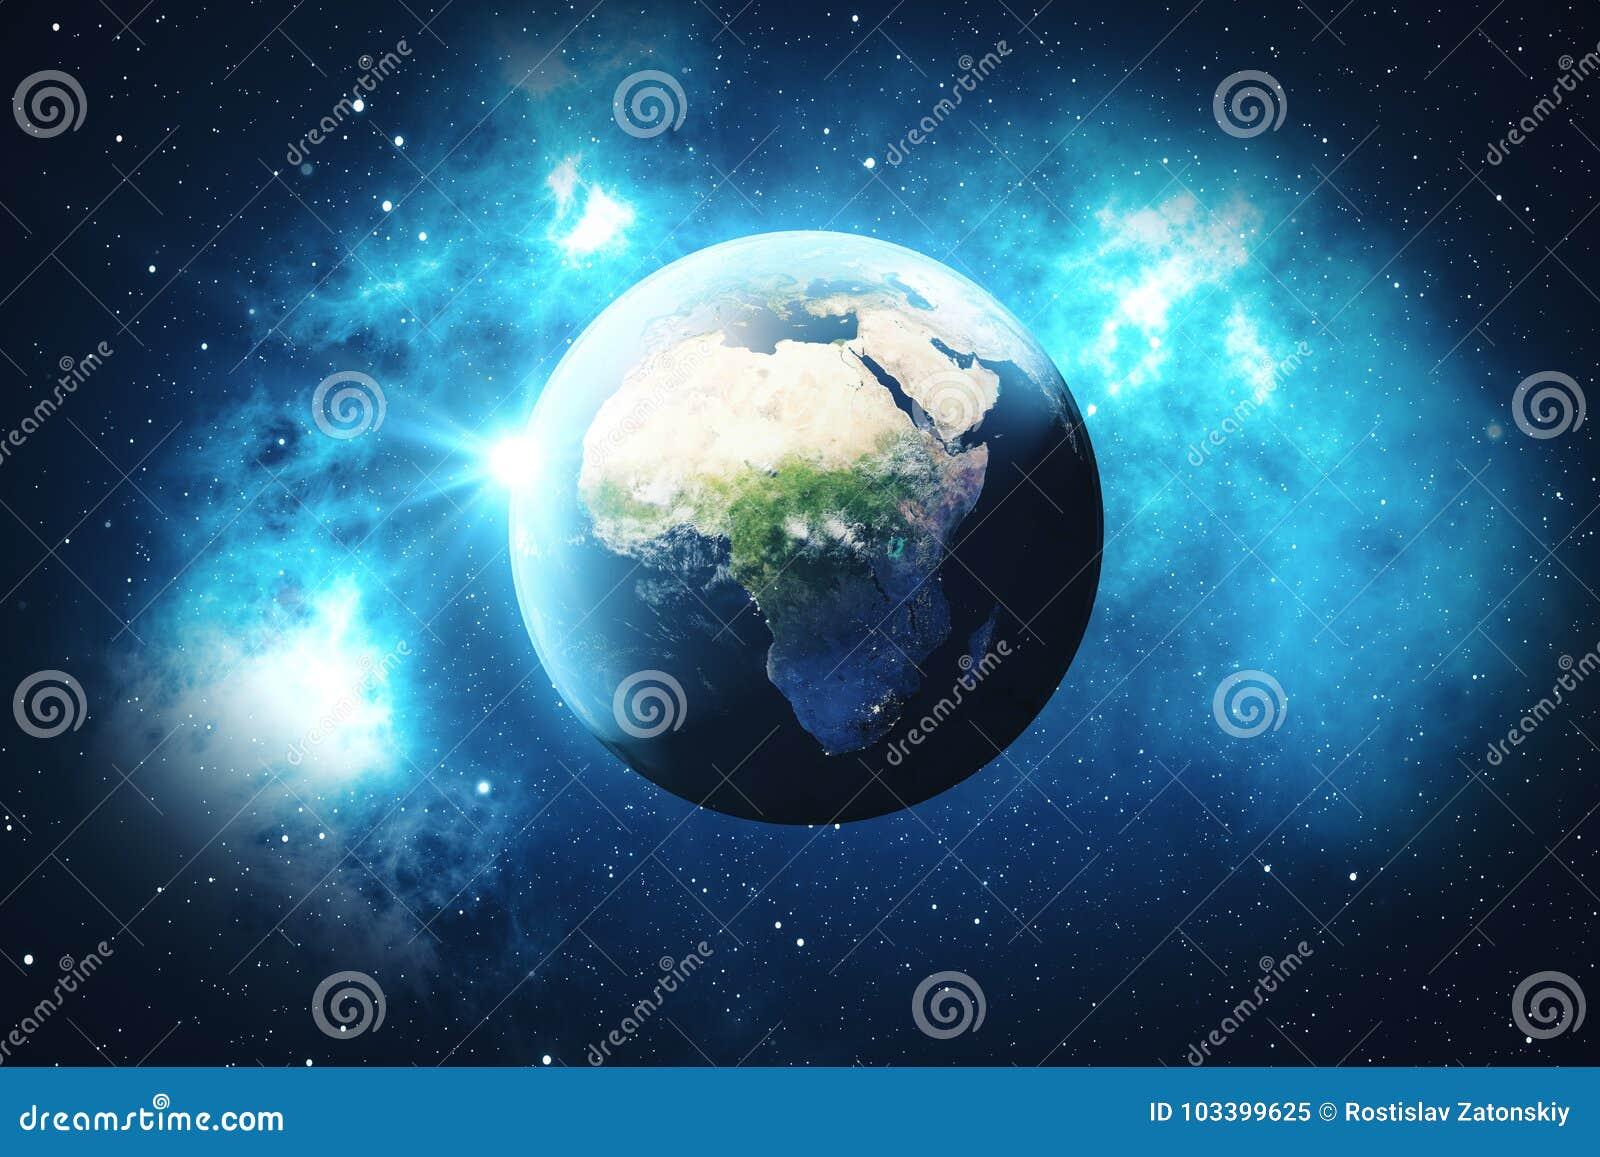 Verzauberkunst Weltkugel 3d Ideen Von Pattern Der Wiedergabe-3d Erdkugel Mit Hintergrund-sternen Und